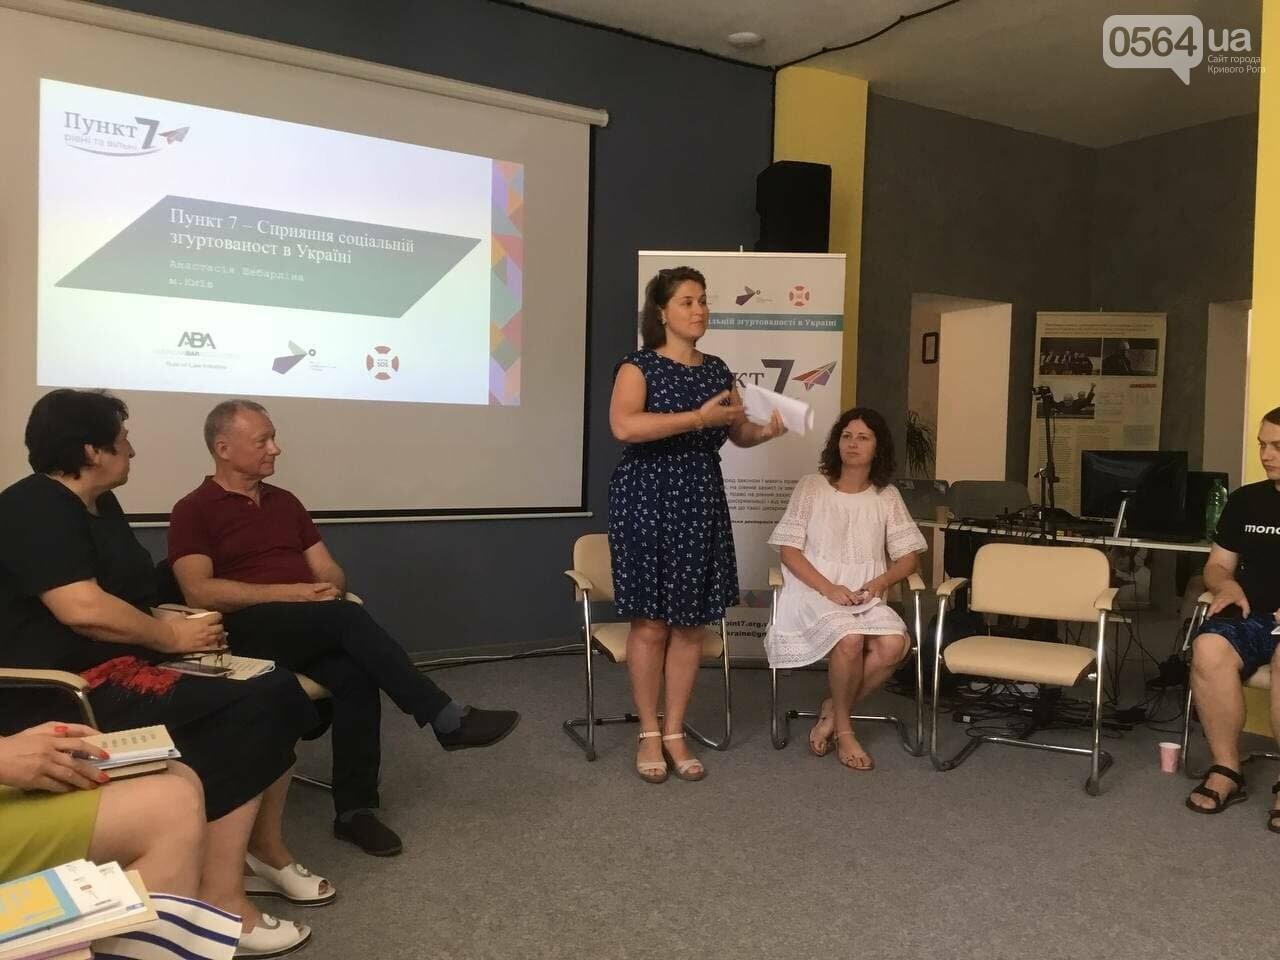 Правовой Weekend в Кривом Роге: правозащитники обсудили проблемы социальной сплочённости, - ФОТО, ВИДЕО, фото-1